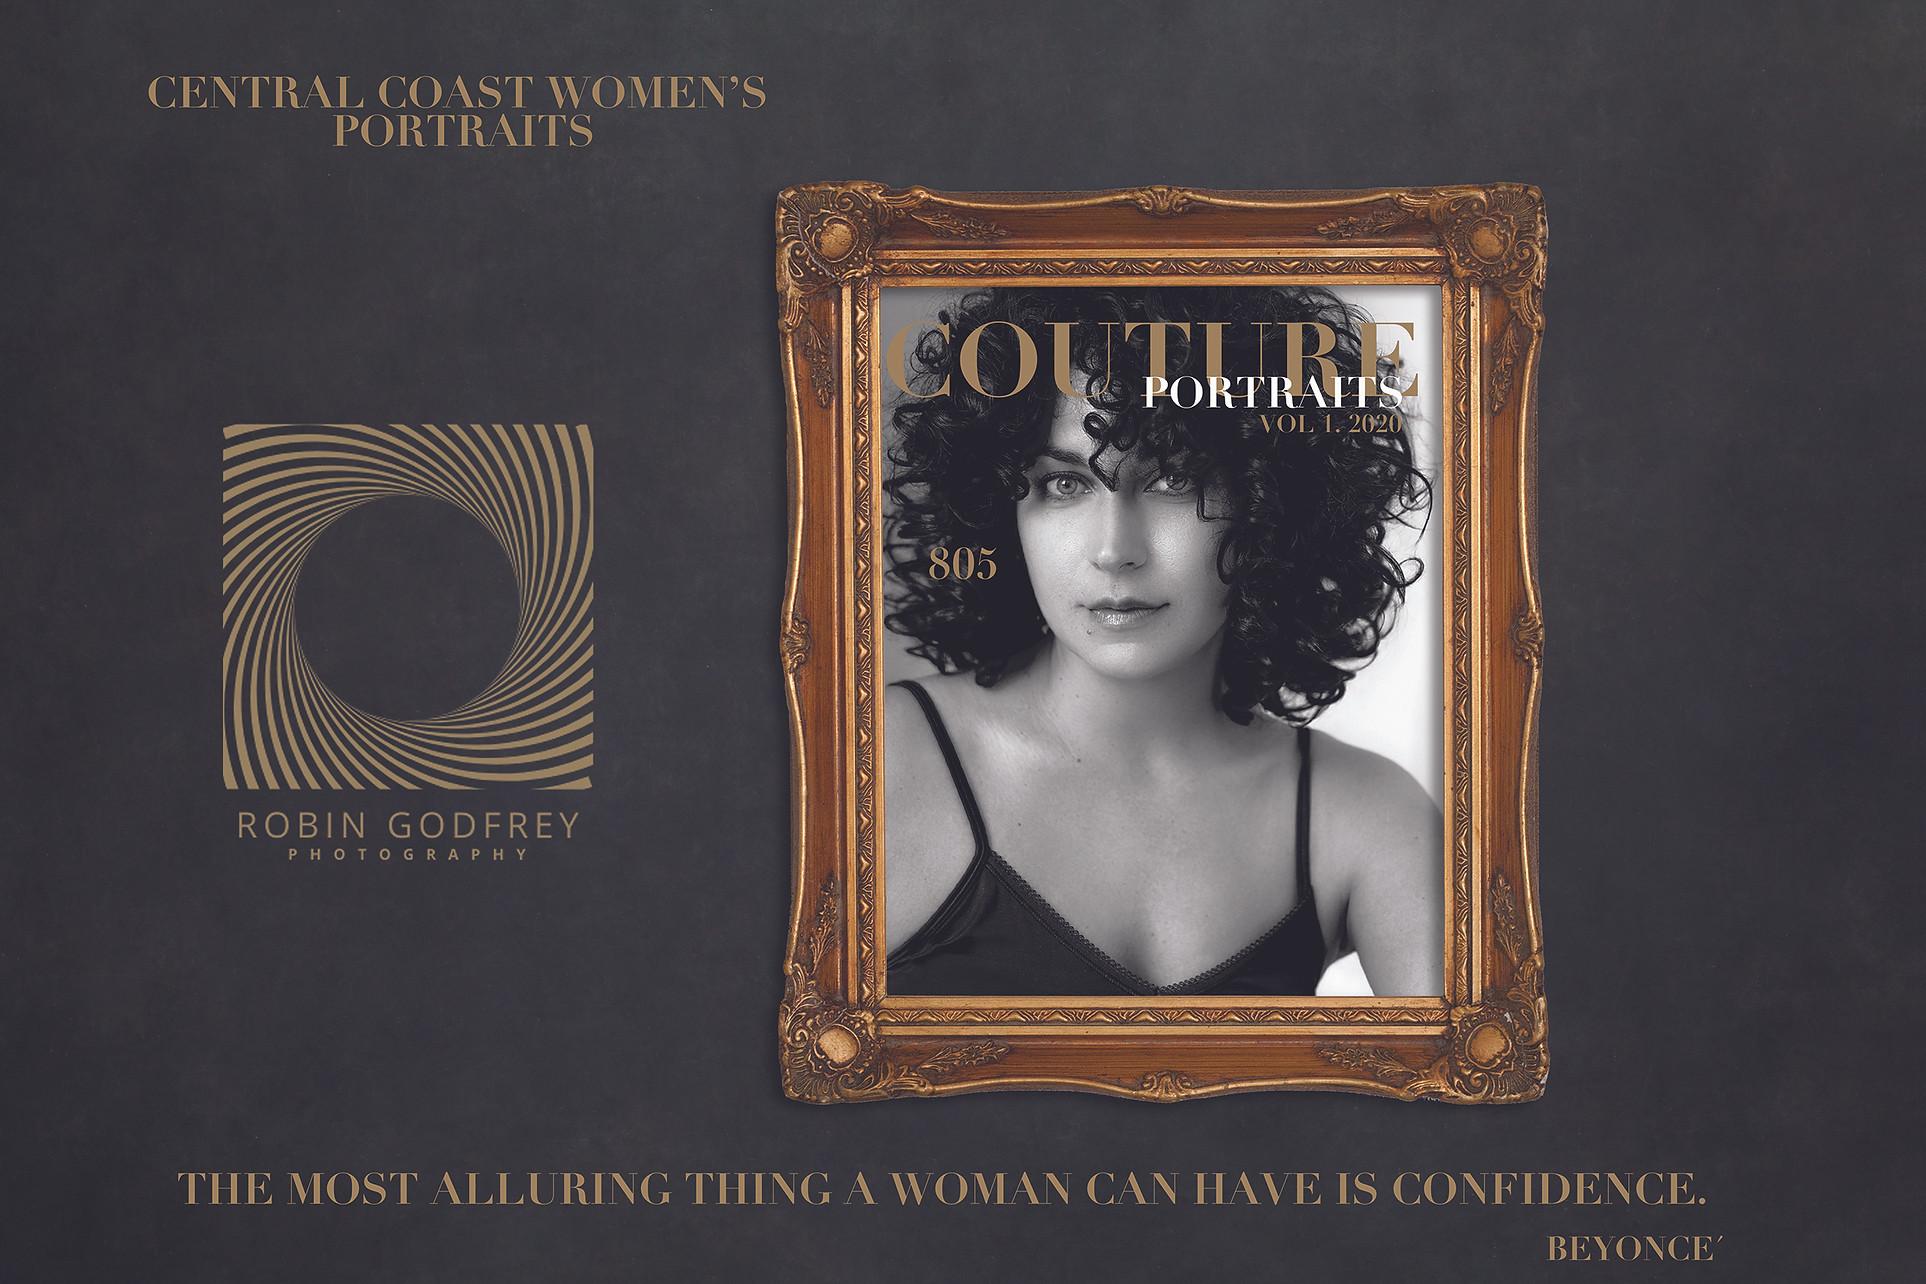 Central Coast Women's Portraits